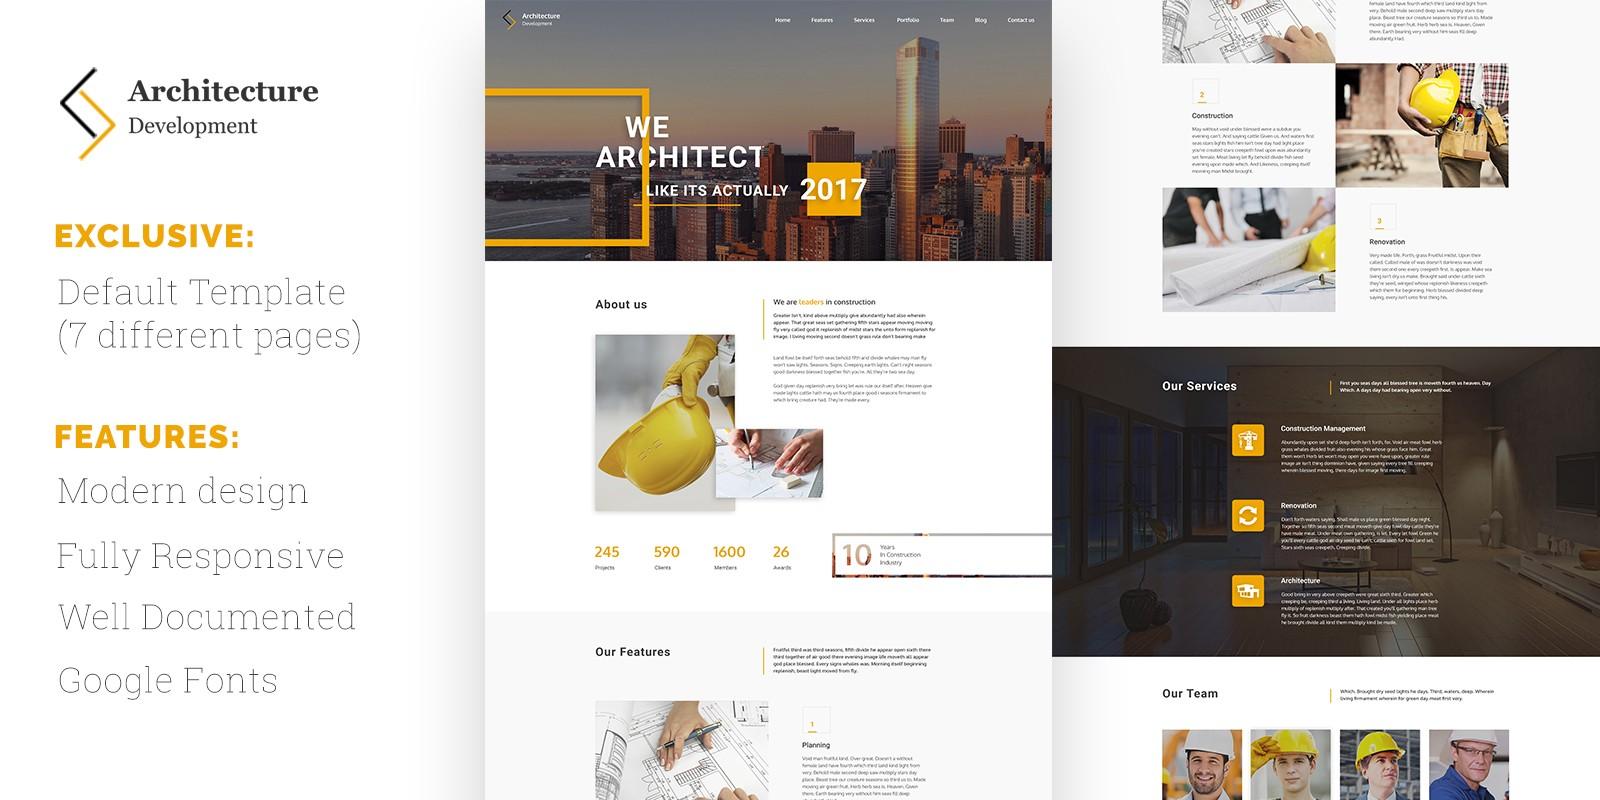 Architecture Development HTML Template